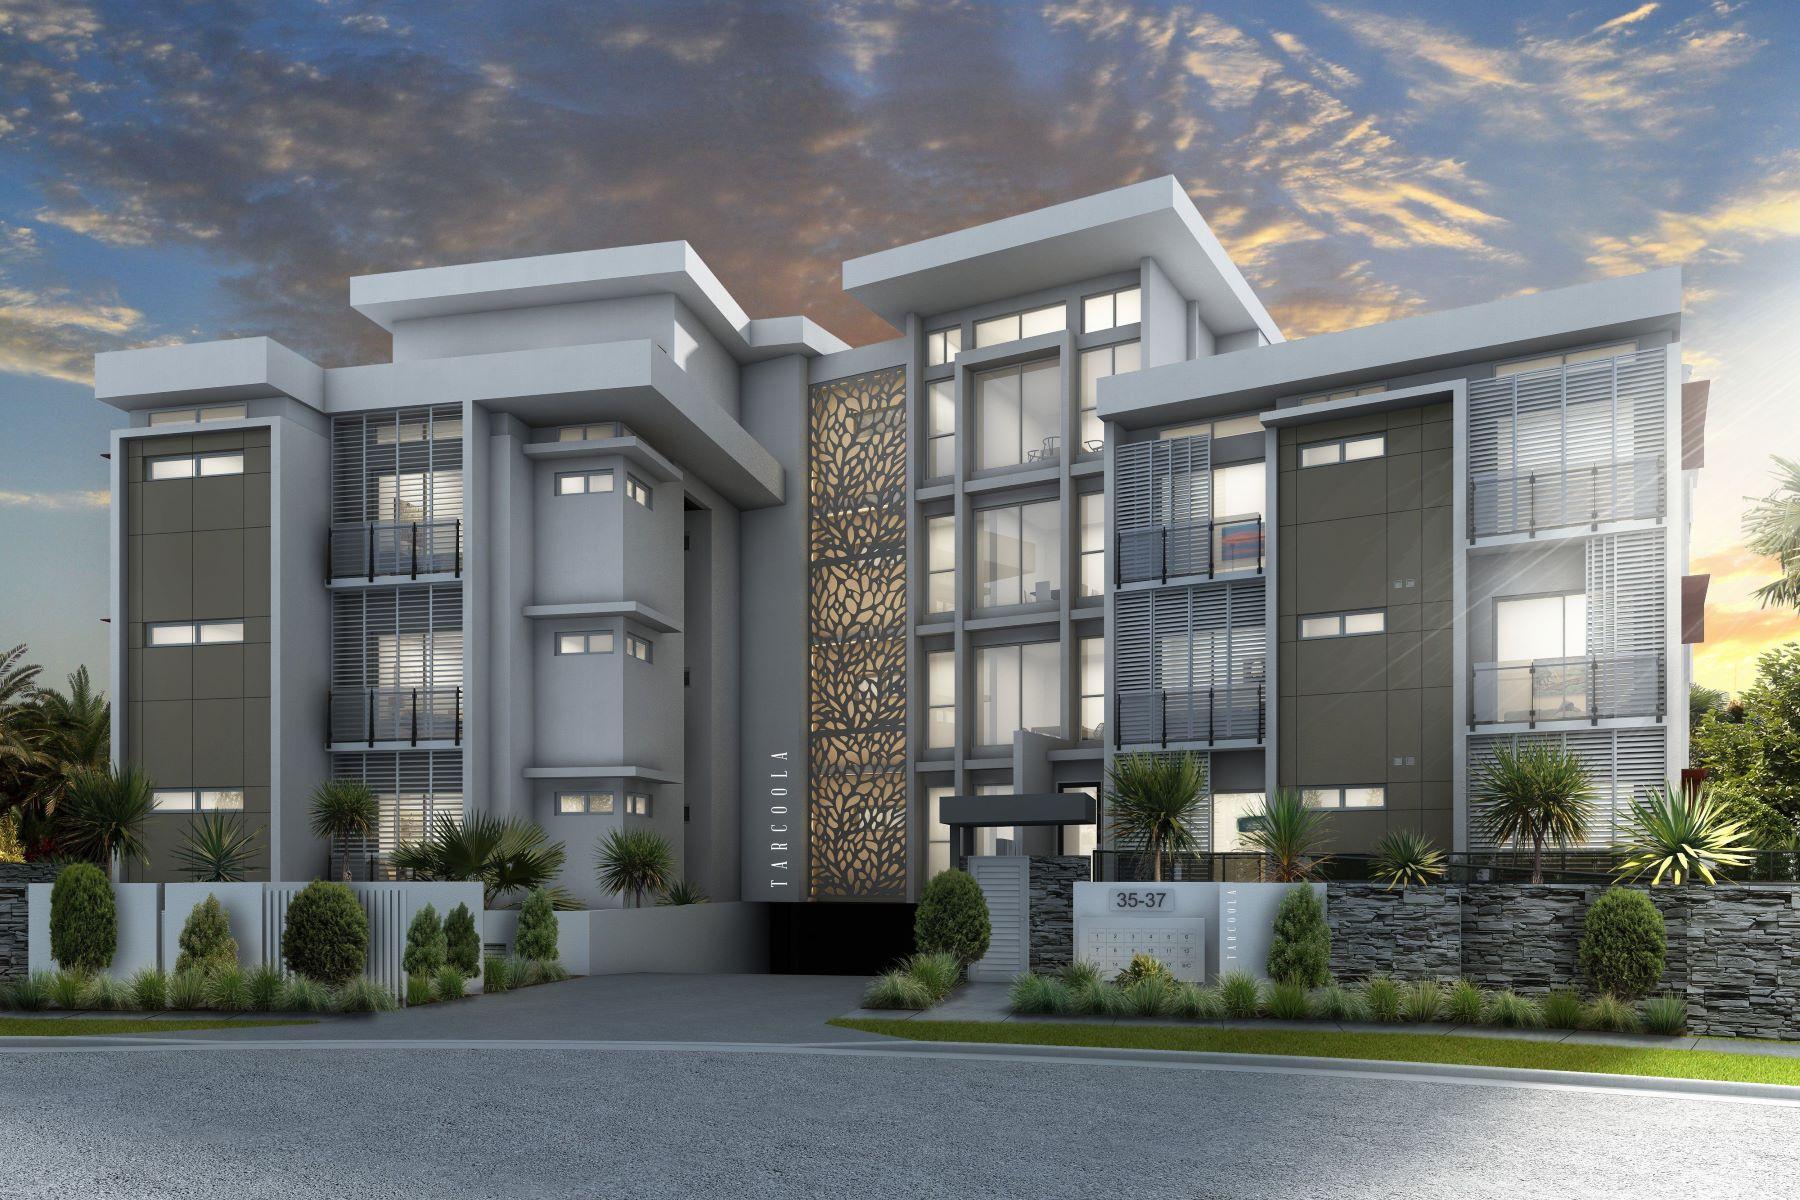 多户住宅 为 销售 在 Tarcoola River Residences 35-37 Tarcoola Crescent Chevron Island, 昆士兰, 4217 澳大利亚